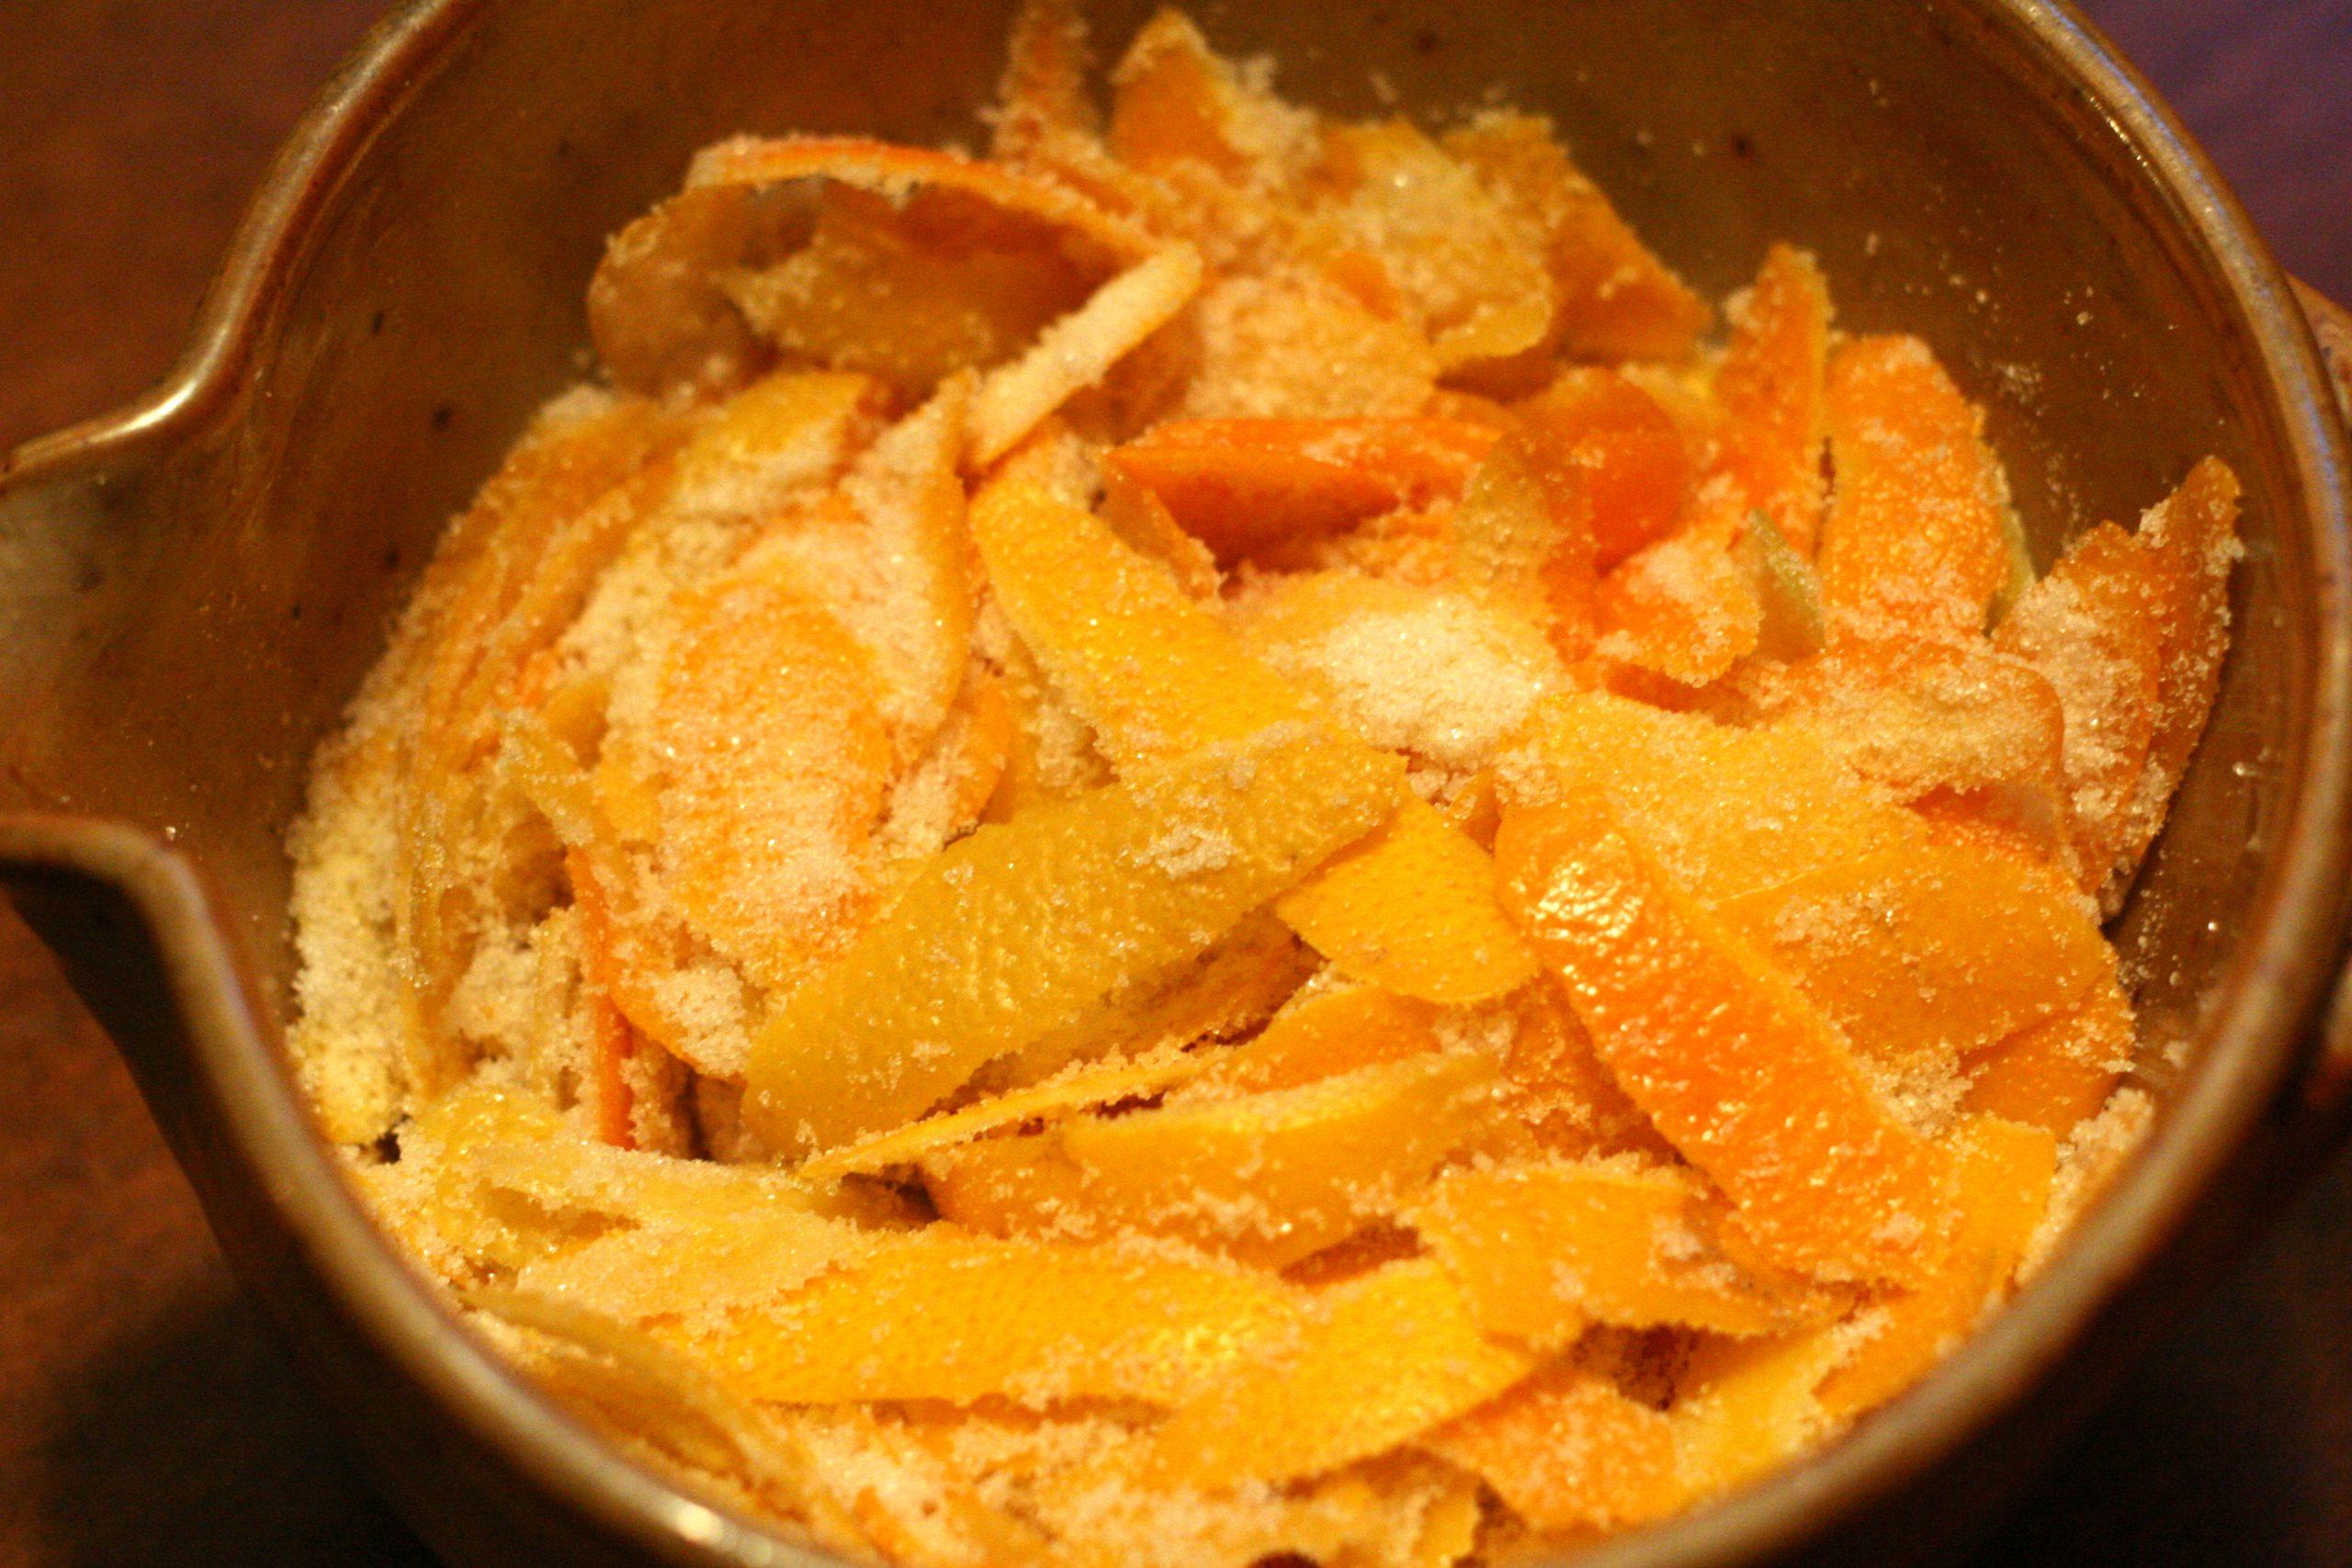 Citrus peels and sugar, the two ingredients in oleo-saccharum